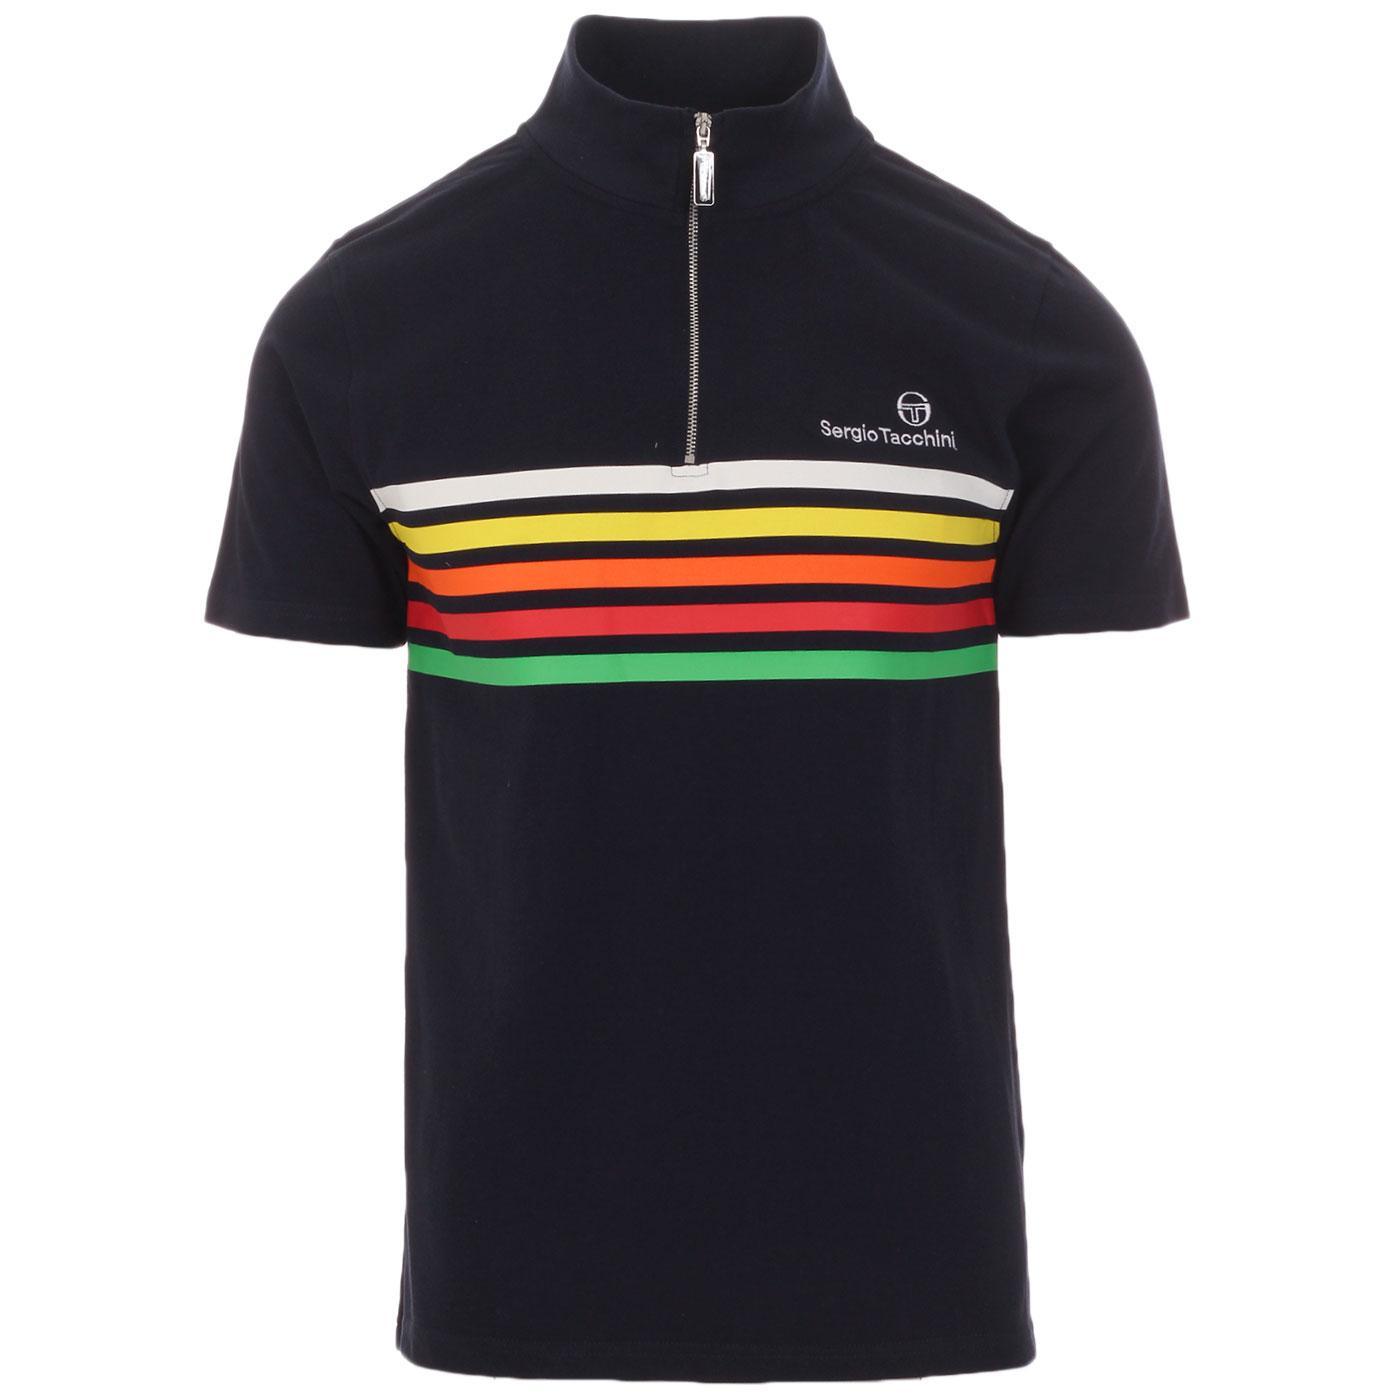 Federico SERGIO TACCHINI Retro Stripe Cycling Top